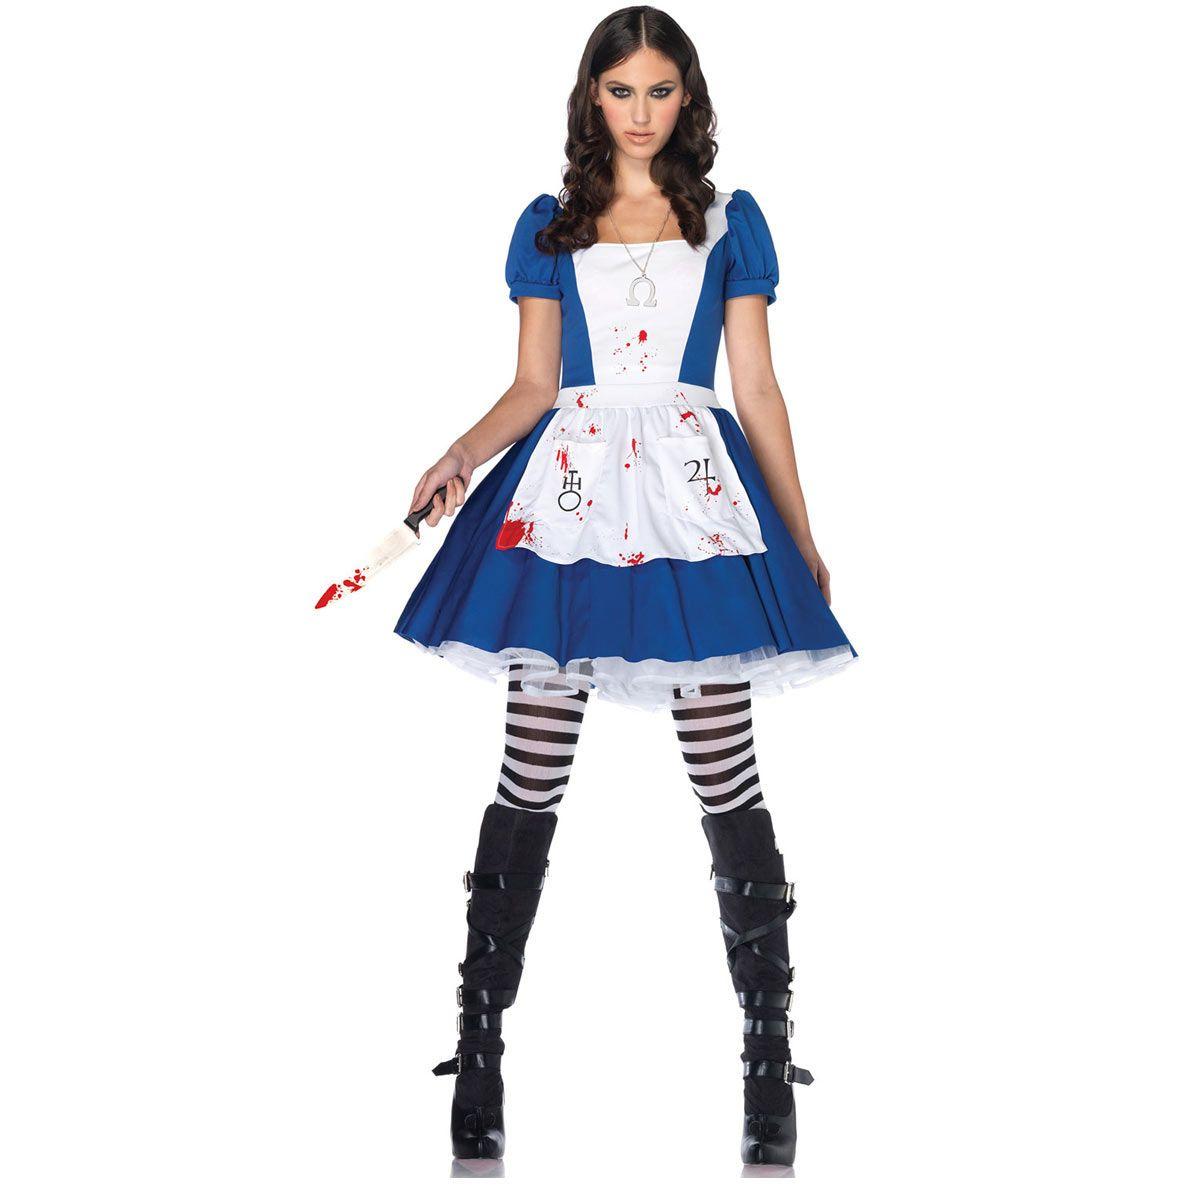 7e9d3b4a00 Disfraz chica Alice  Madness Returns. Alice Madness Returns